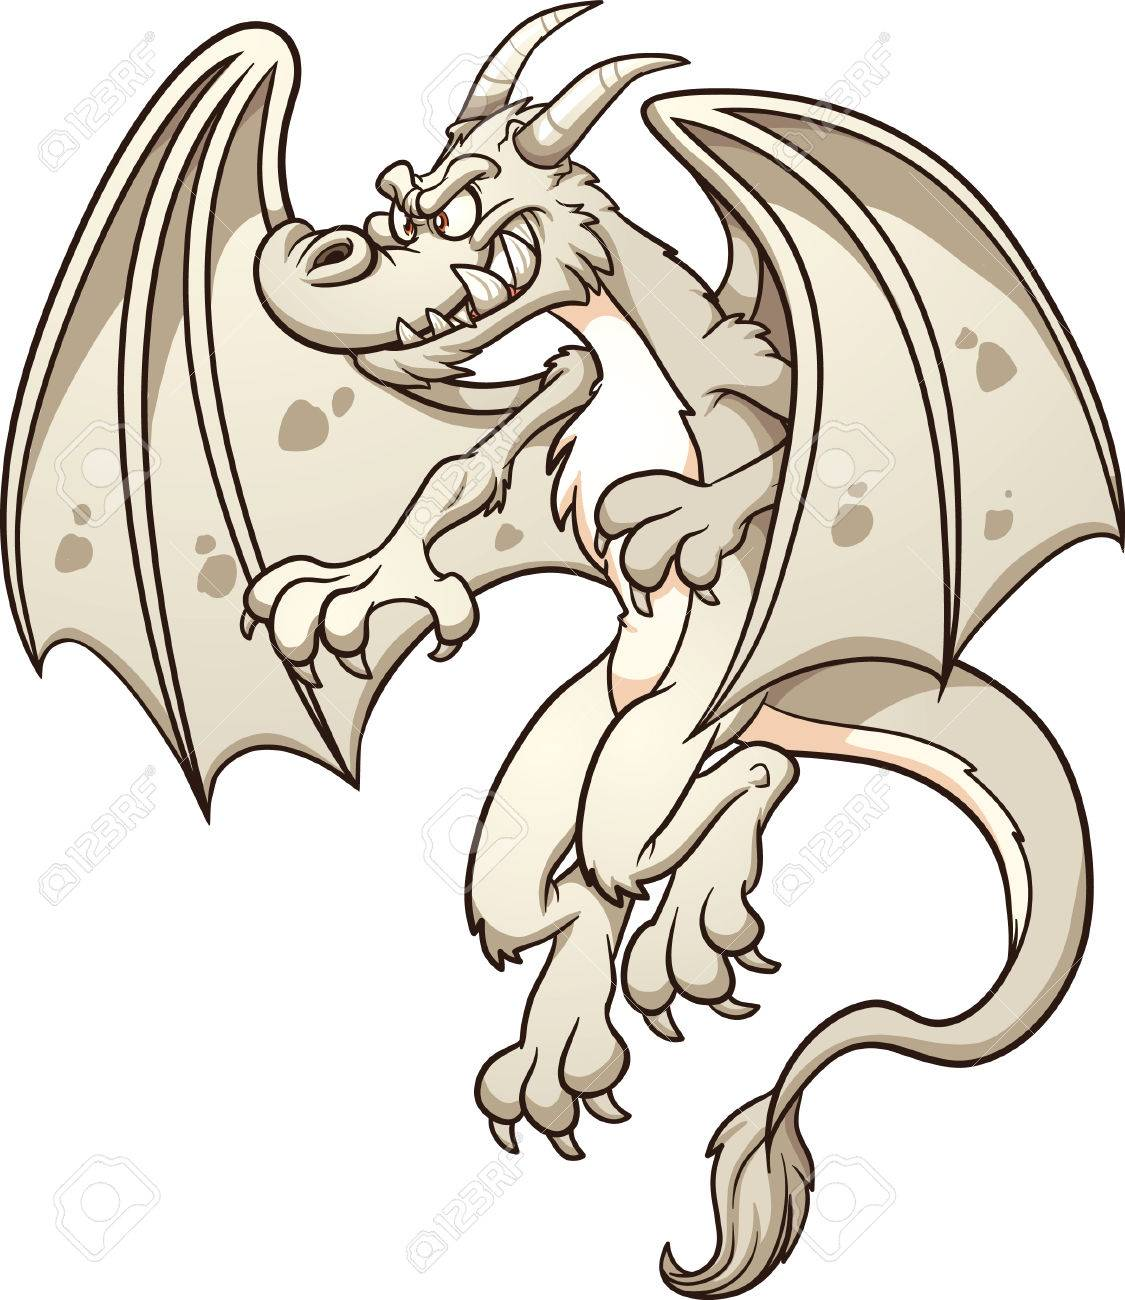 ドラゴン フリー イラスト 龍